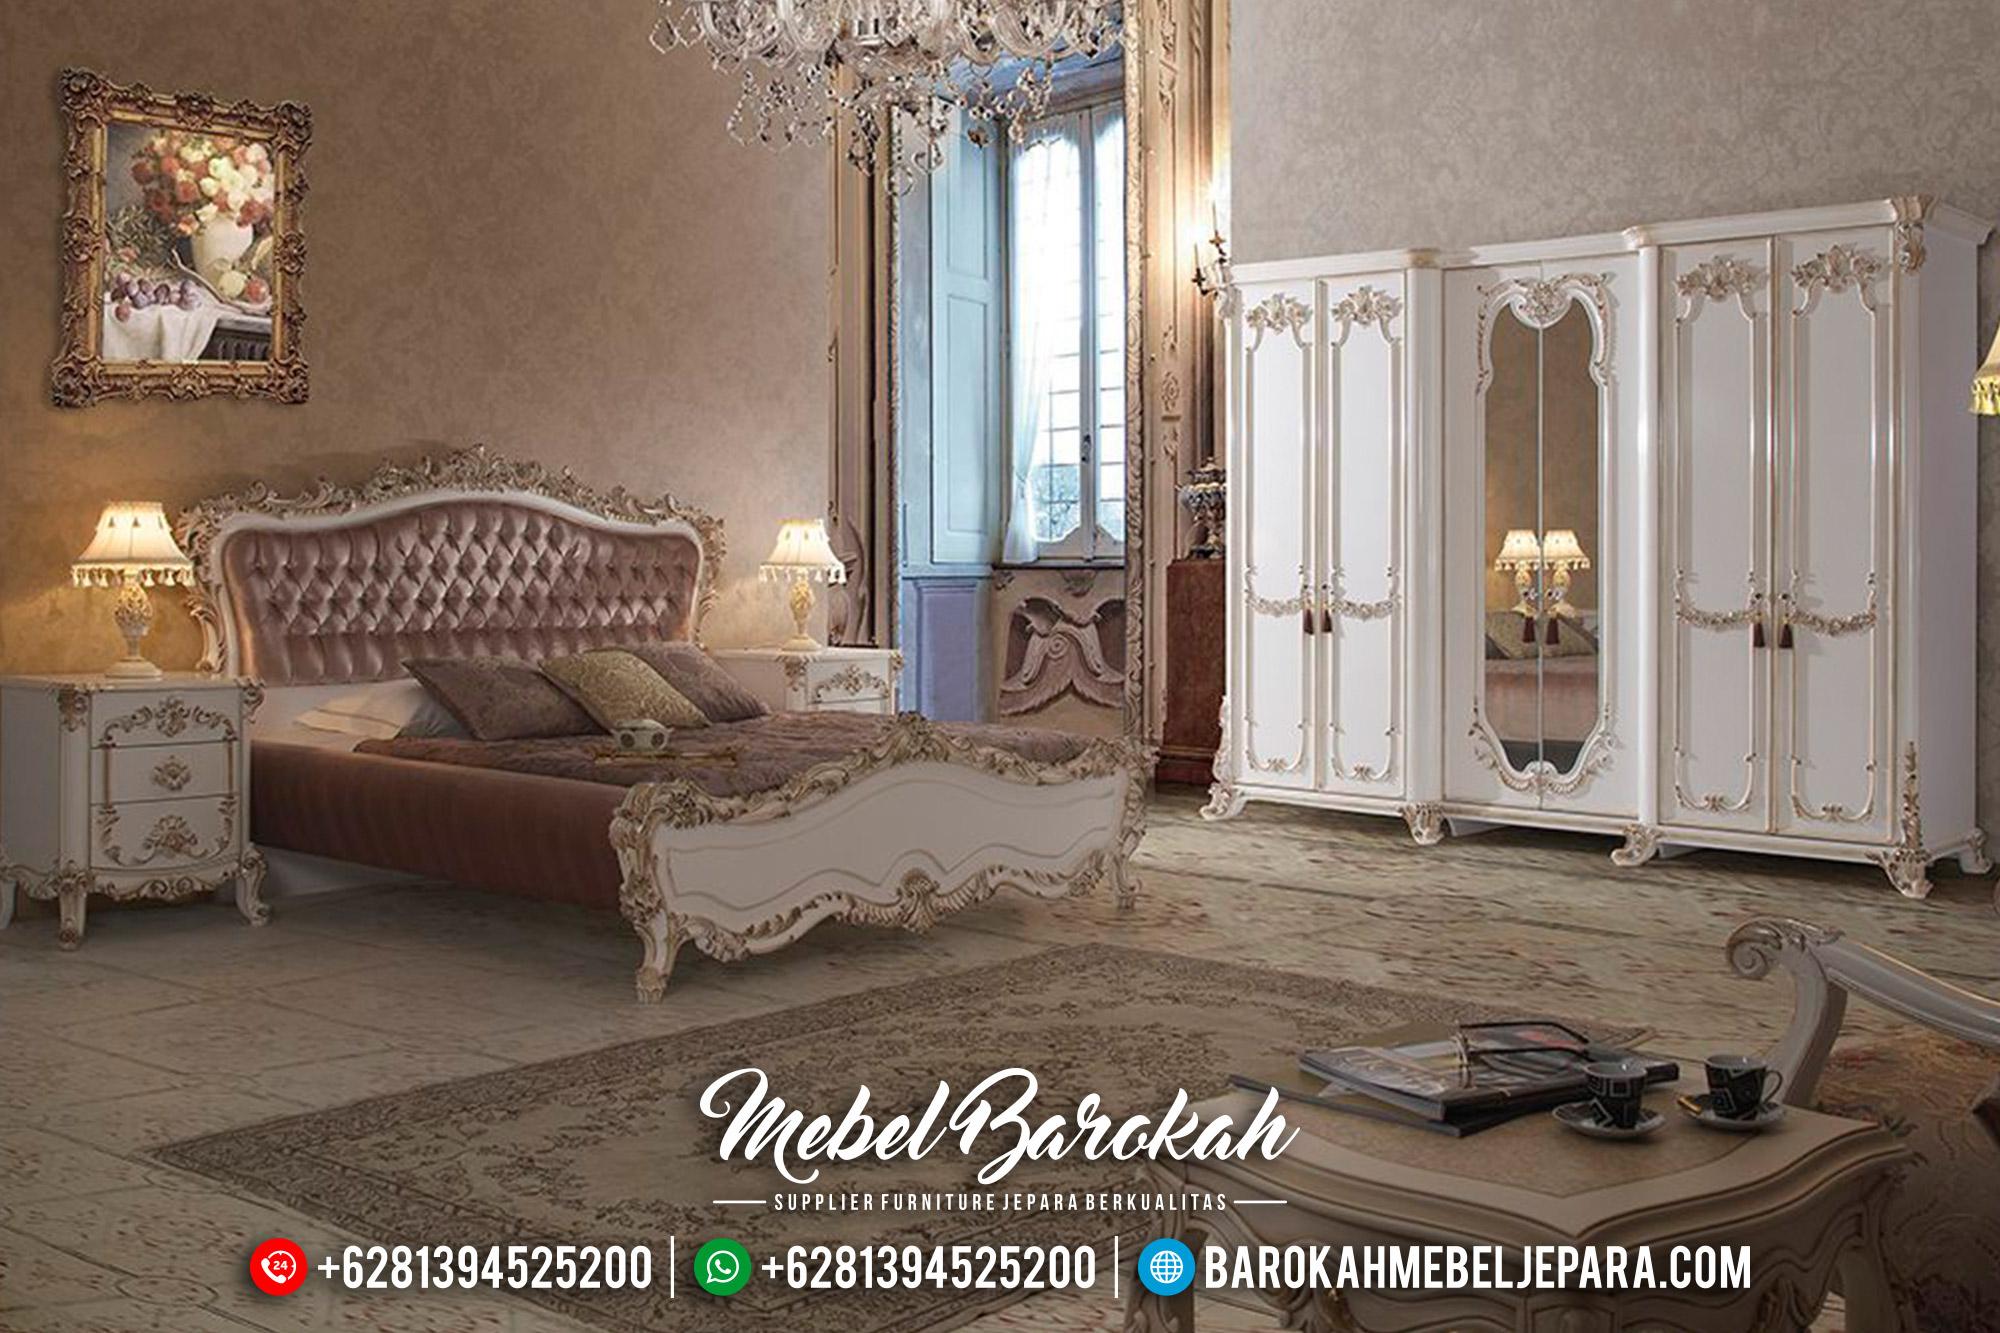 Harga Tempat Tidur Mewah Luxury Classic New Model Mebel Jepara MB-0544